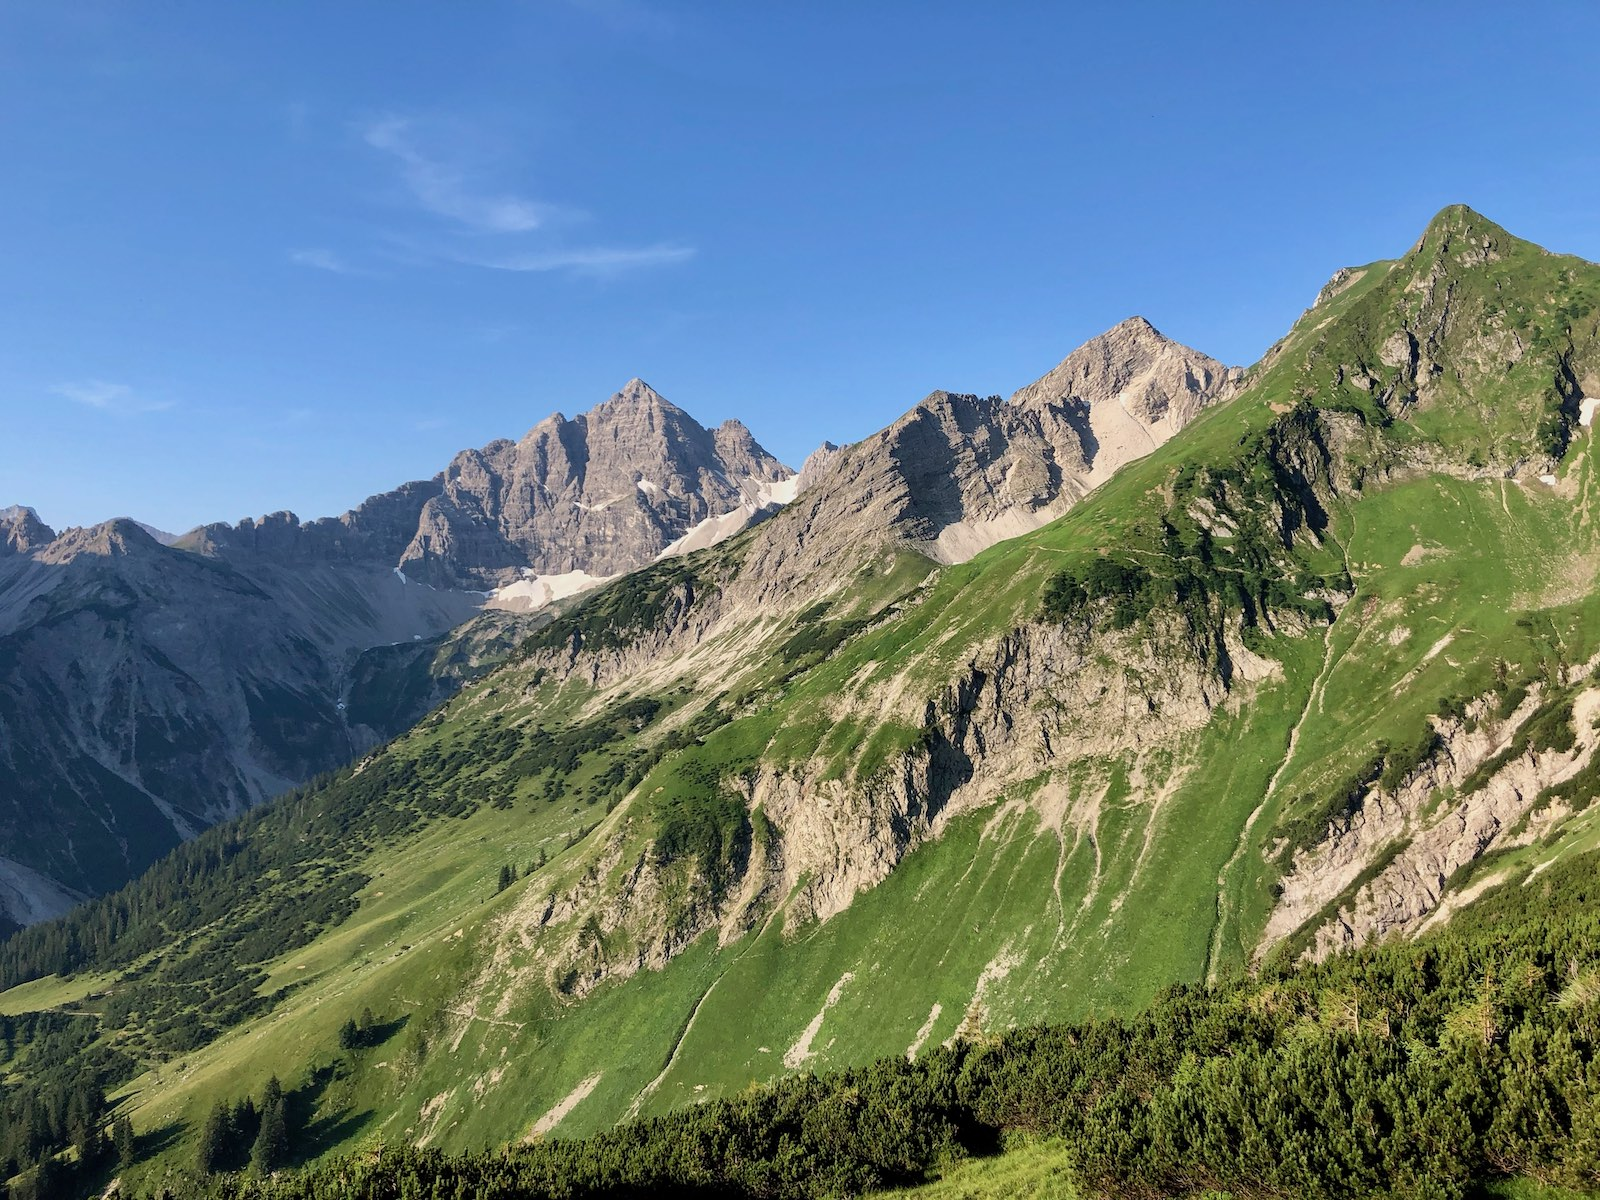 Panoramablick zum Hochvogel und dem weiteren Wegverlauf unter der Lärchenwand